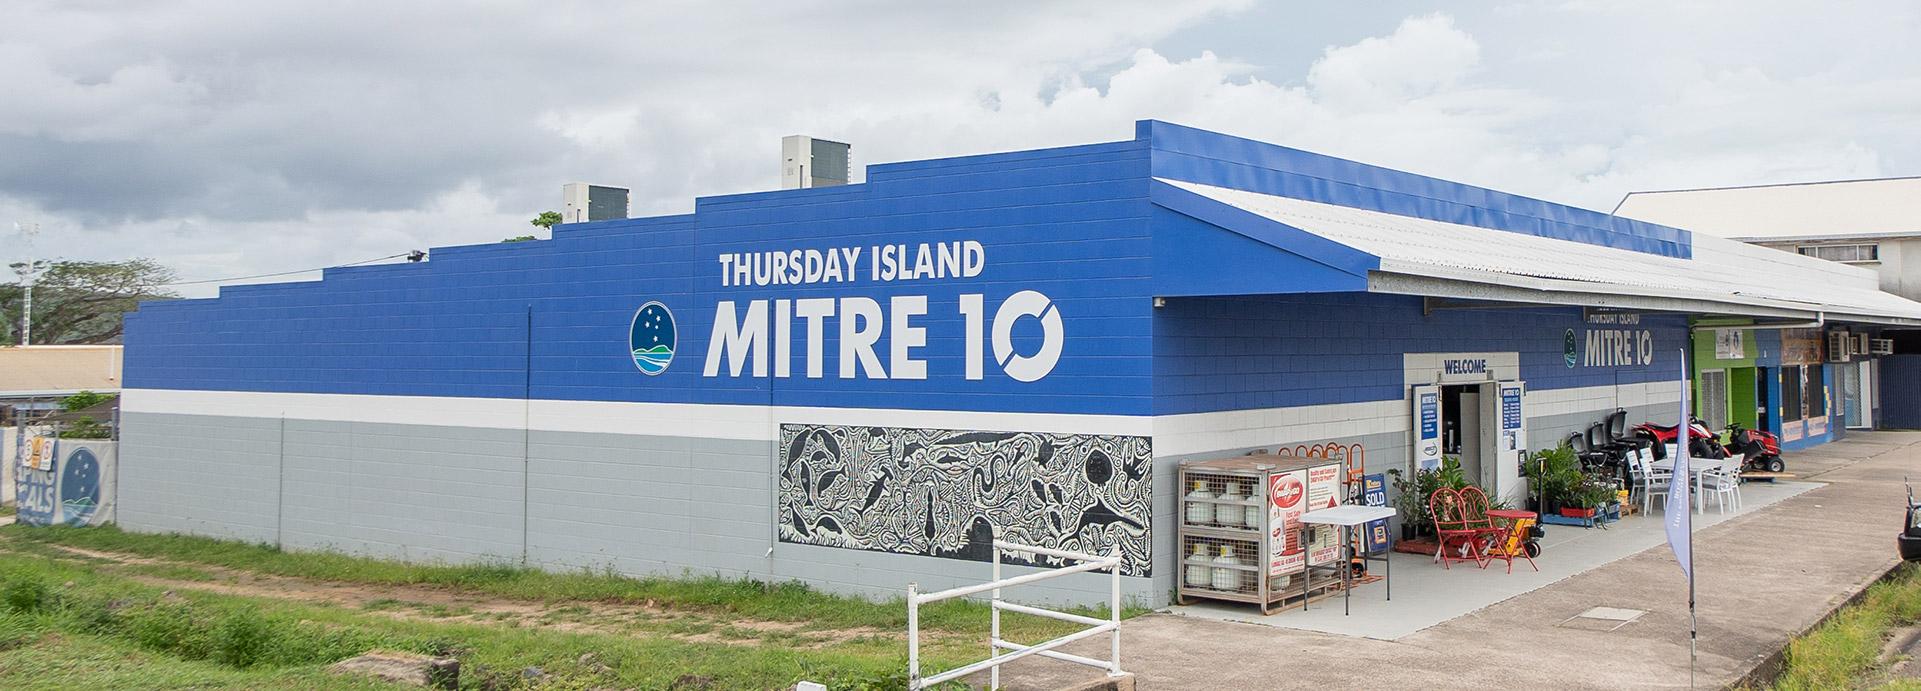 Mitre 10 Thursday Island